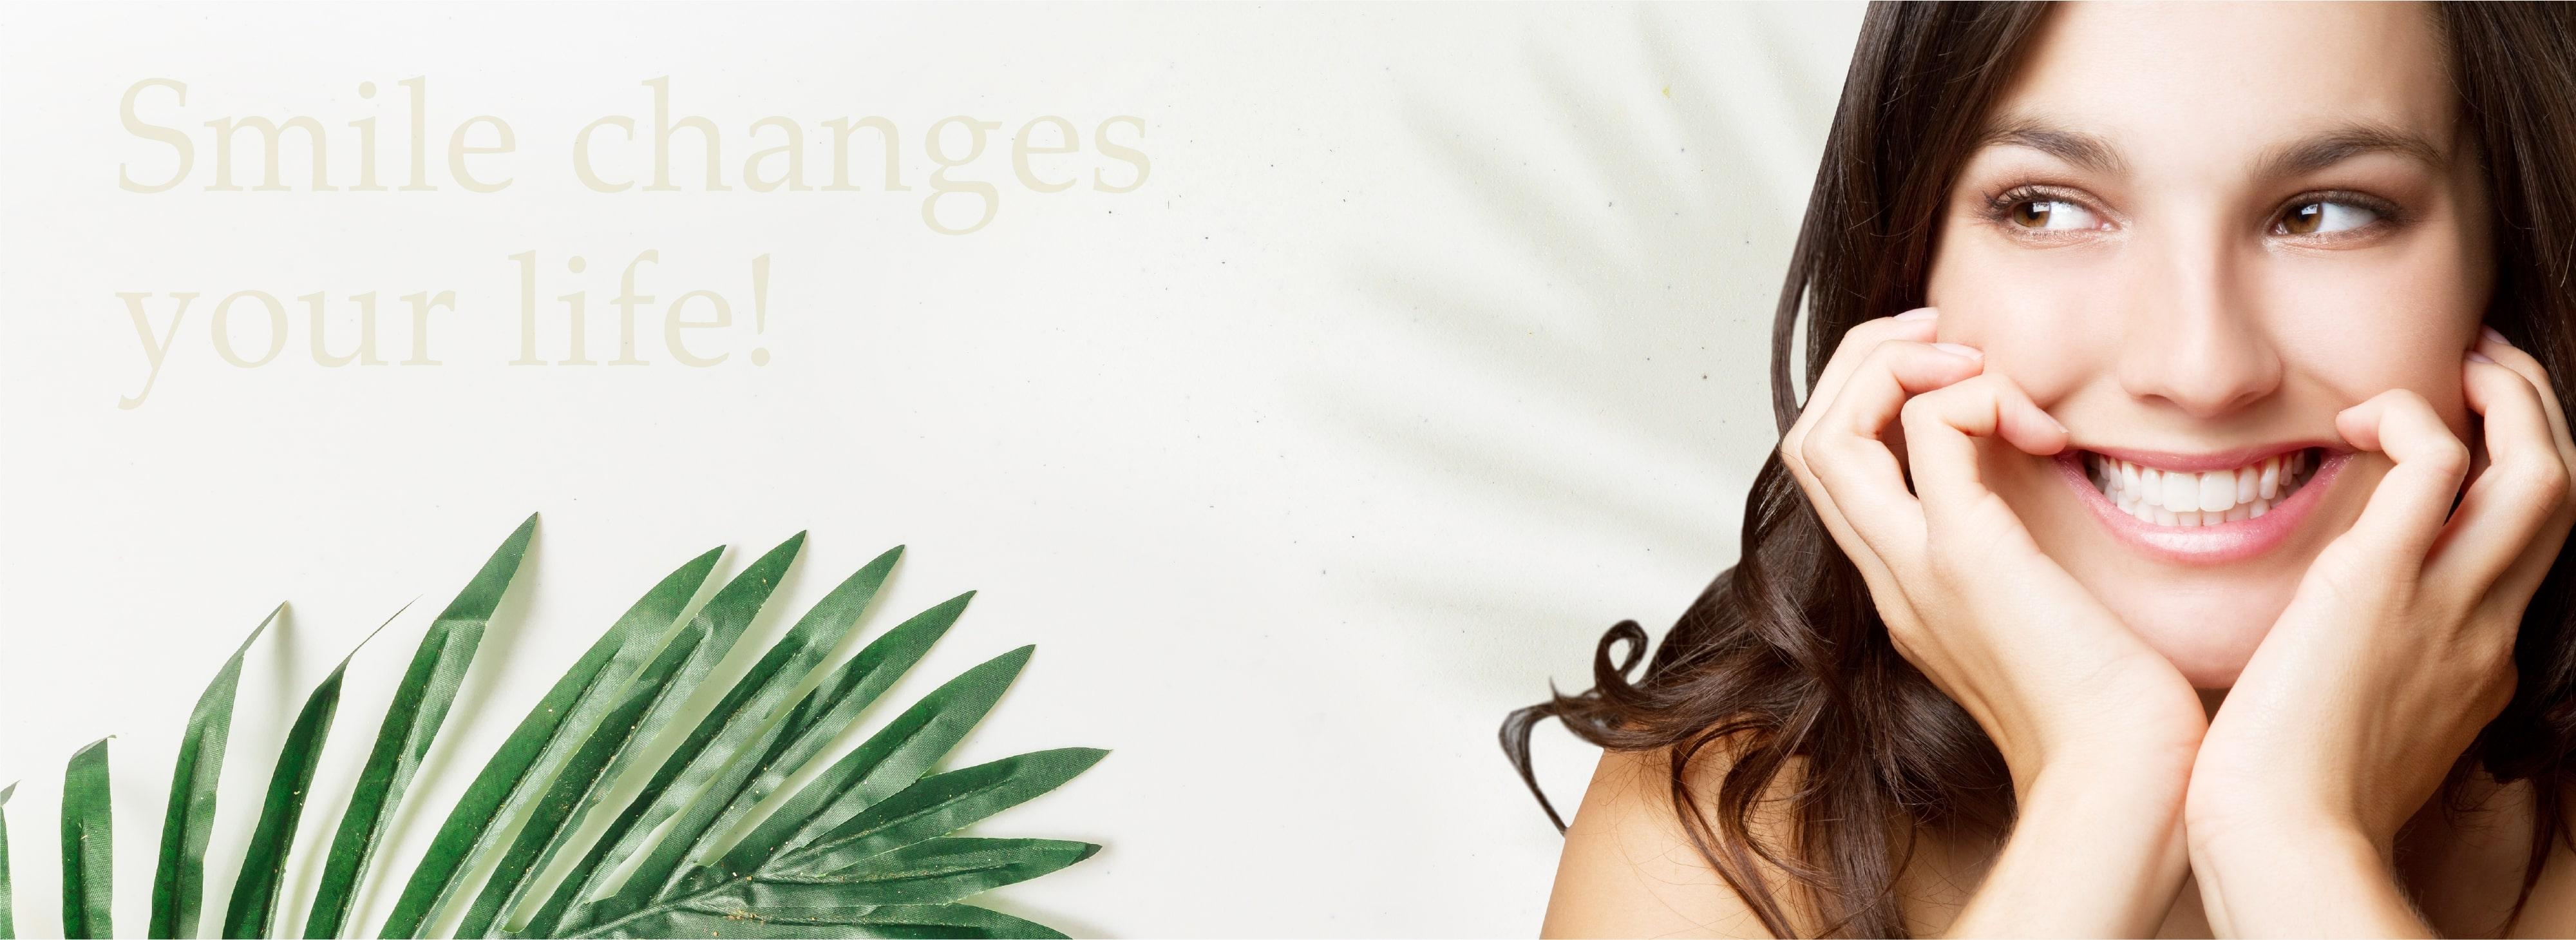 東京ビアンコ歯科/矯正歯科渋谷院メインビジュアル「Smile changes your life!」